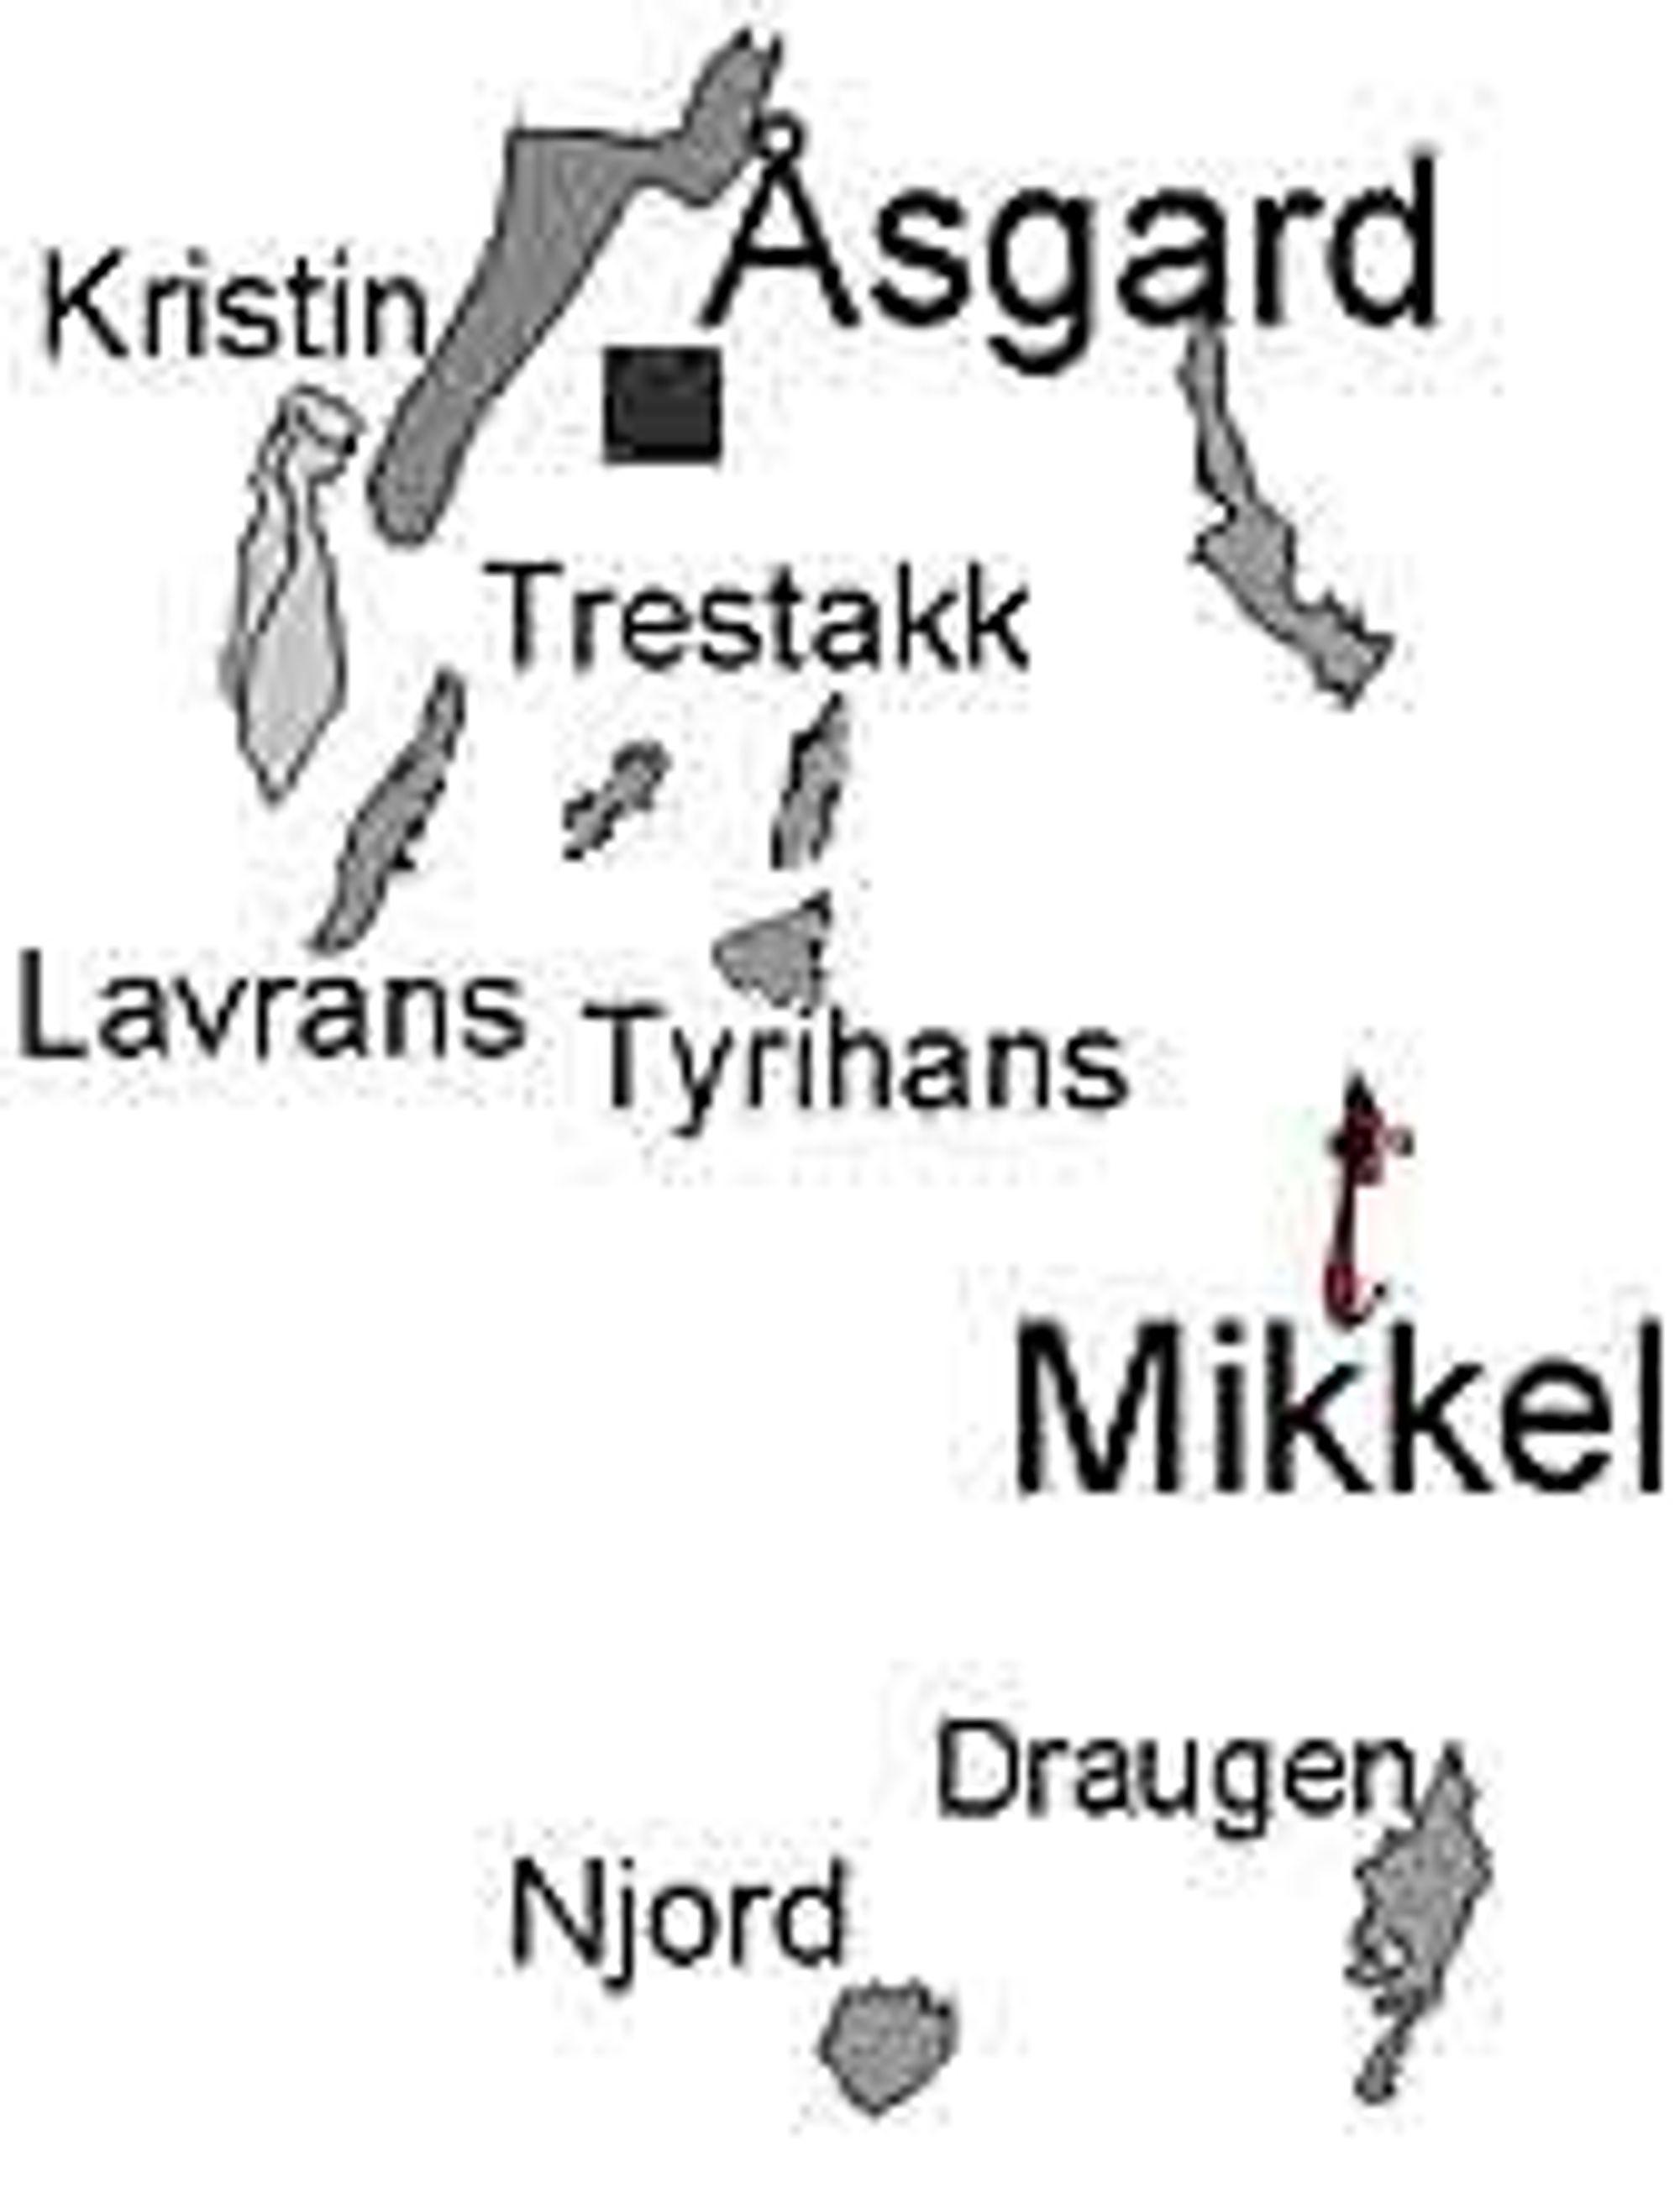 Bunnrammene på Tyrihans ligger om lag 35 kilometer sørøst for Kristin-plattformen. Ill: Statoil